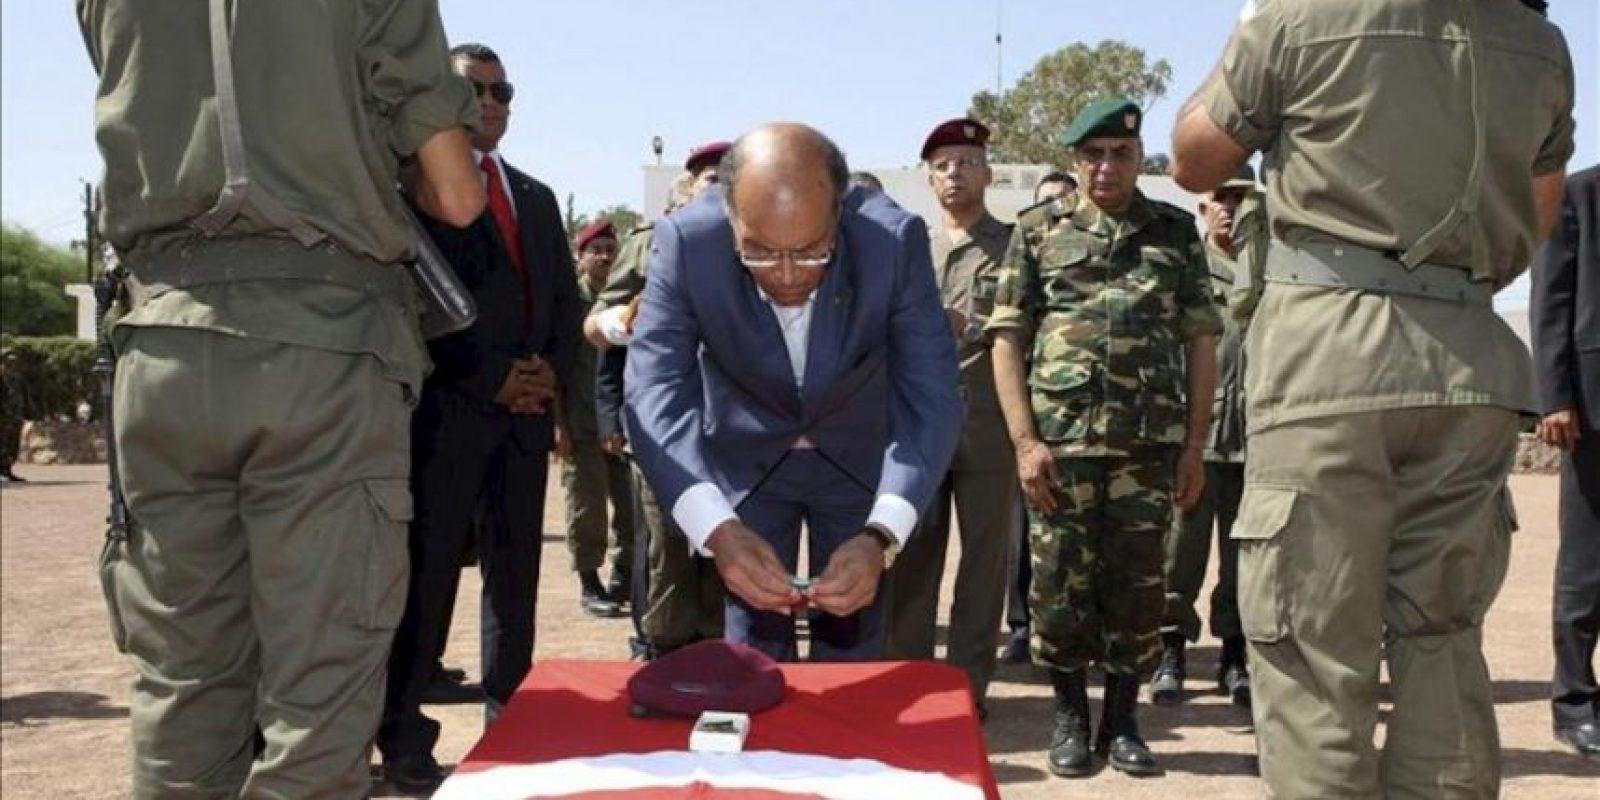 El presidente de Túnez, Moncef Marzouki (c), participa en una ceremonia de conmemoración por el fallecimiento el pasado 29 de julio de ocho militares. EFE